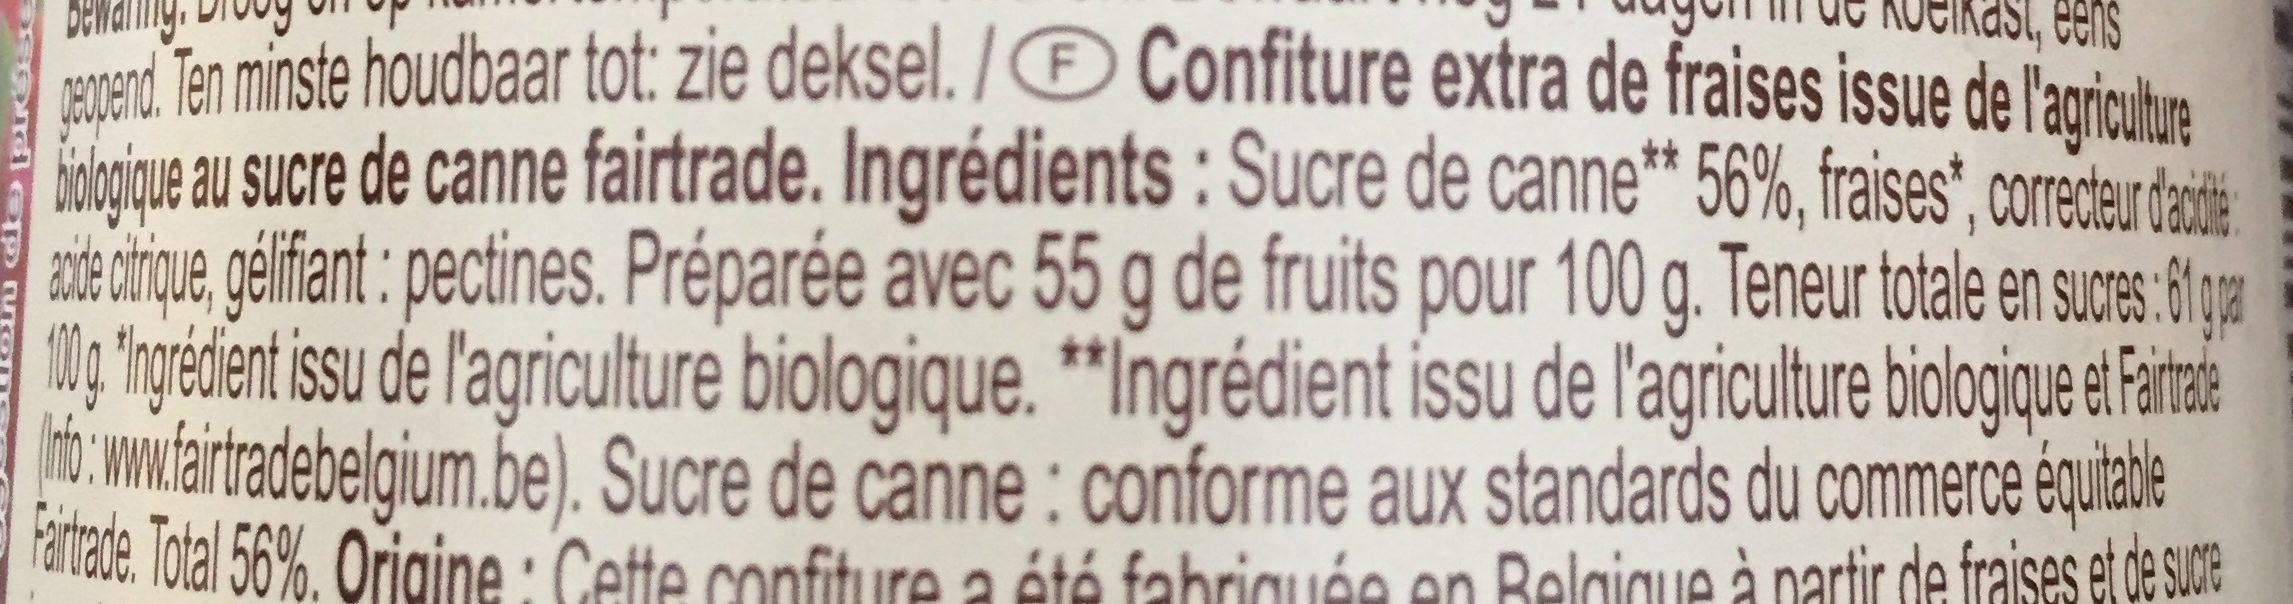 Confiture - Ingrediënten - fr